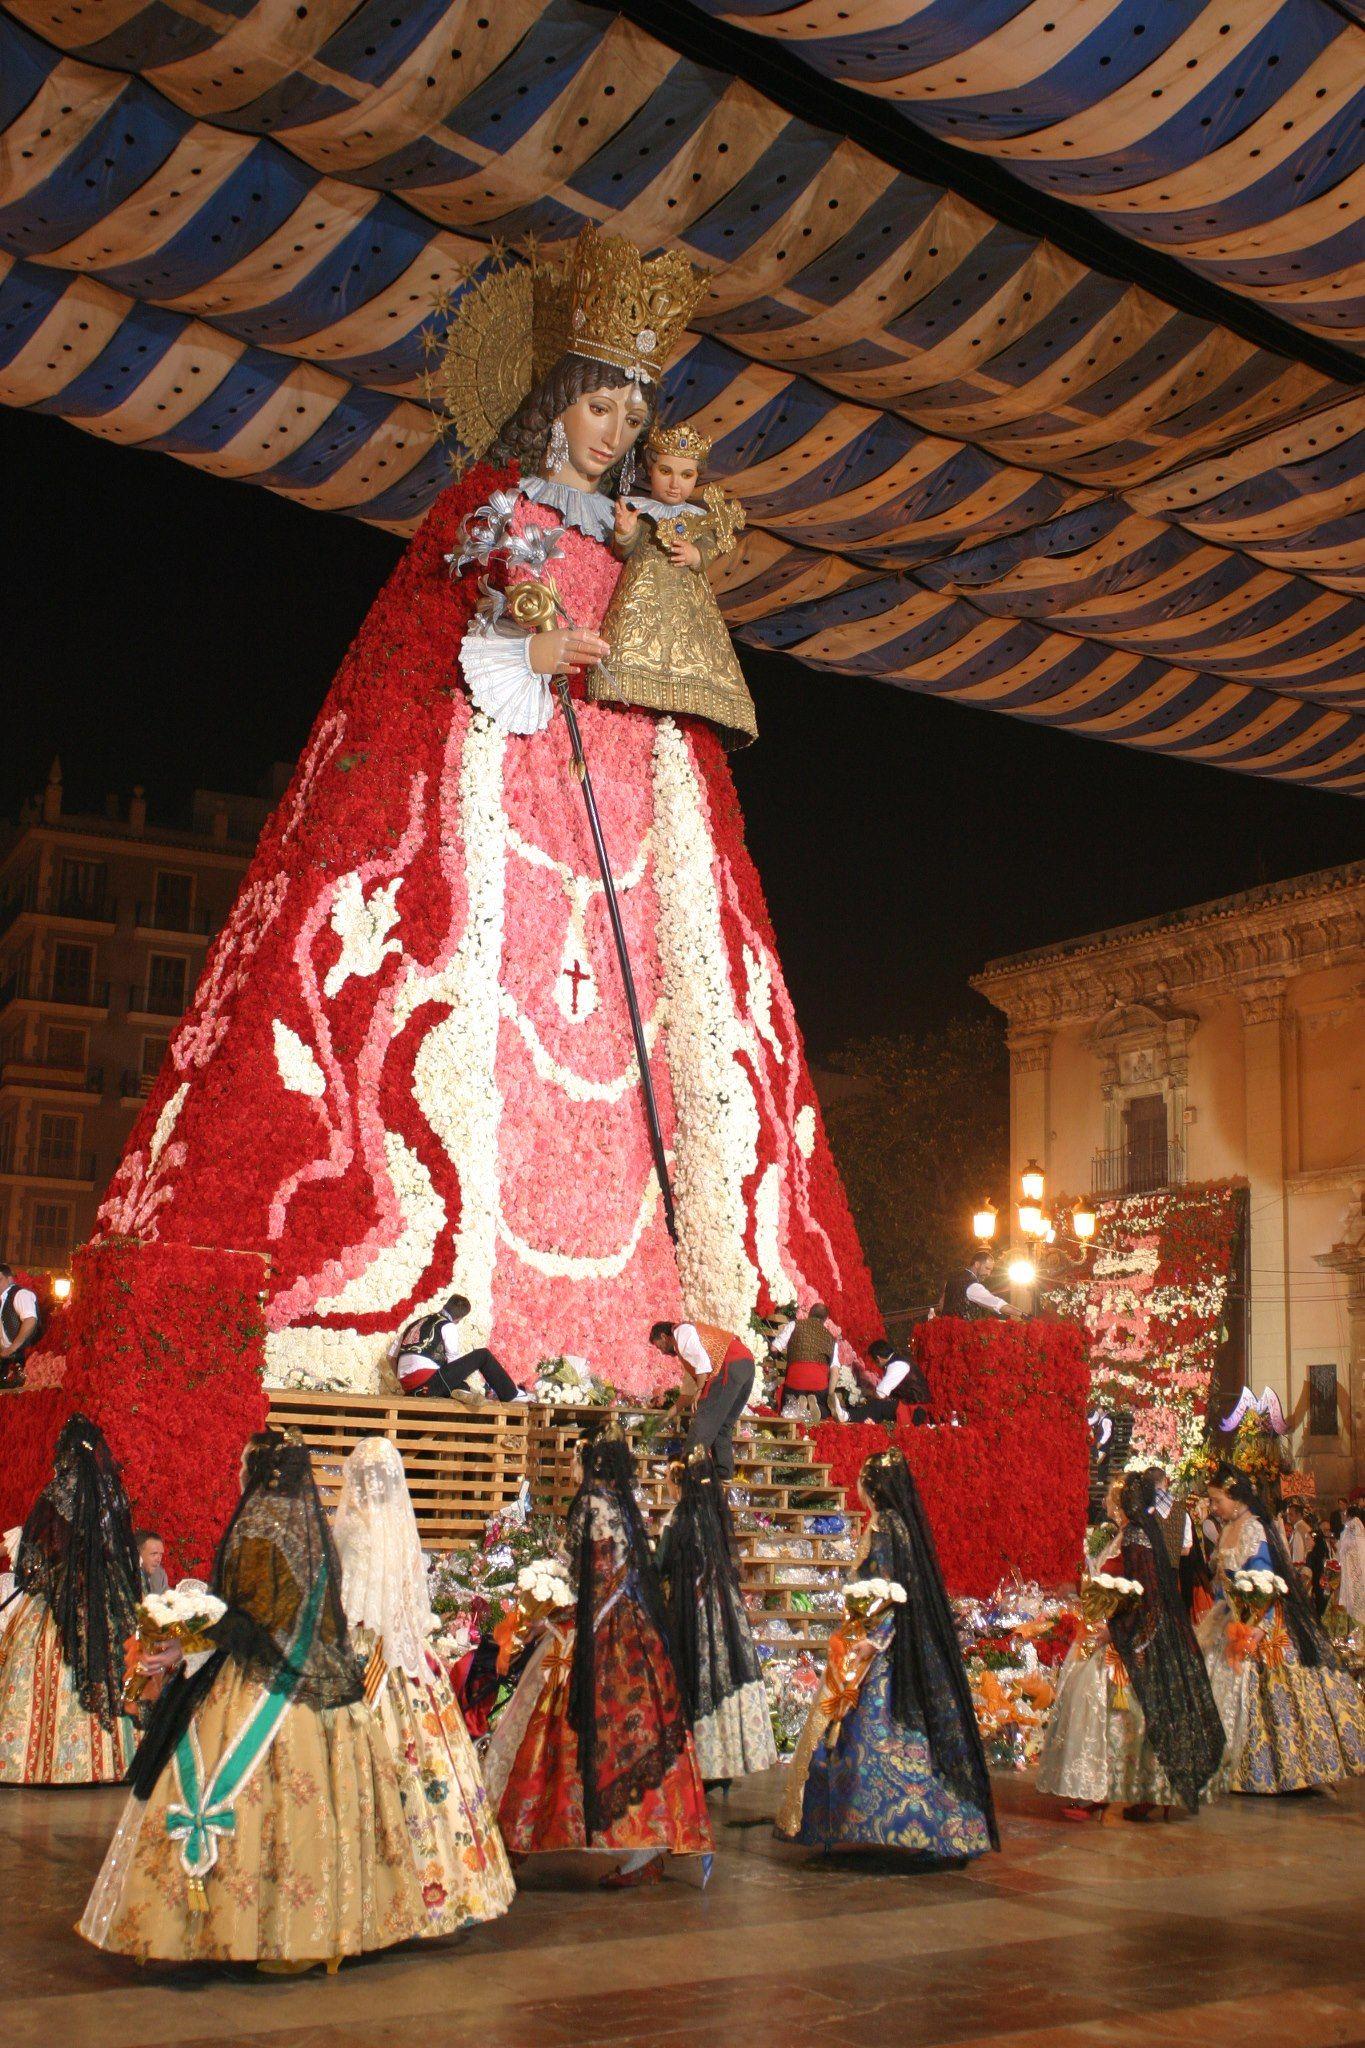 Mare de Deu (Mother of God) Virgen de los Desamparados con ...